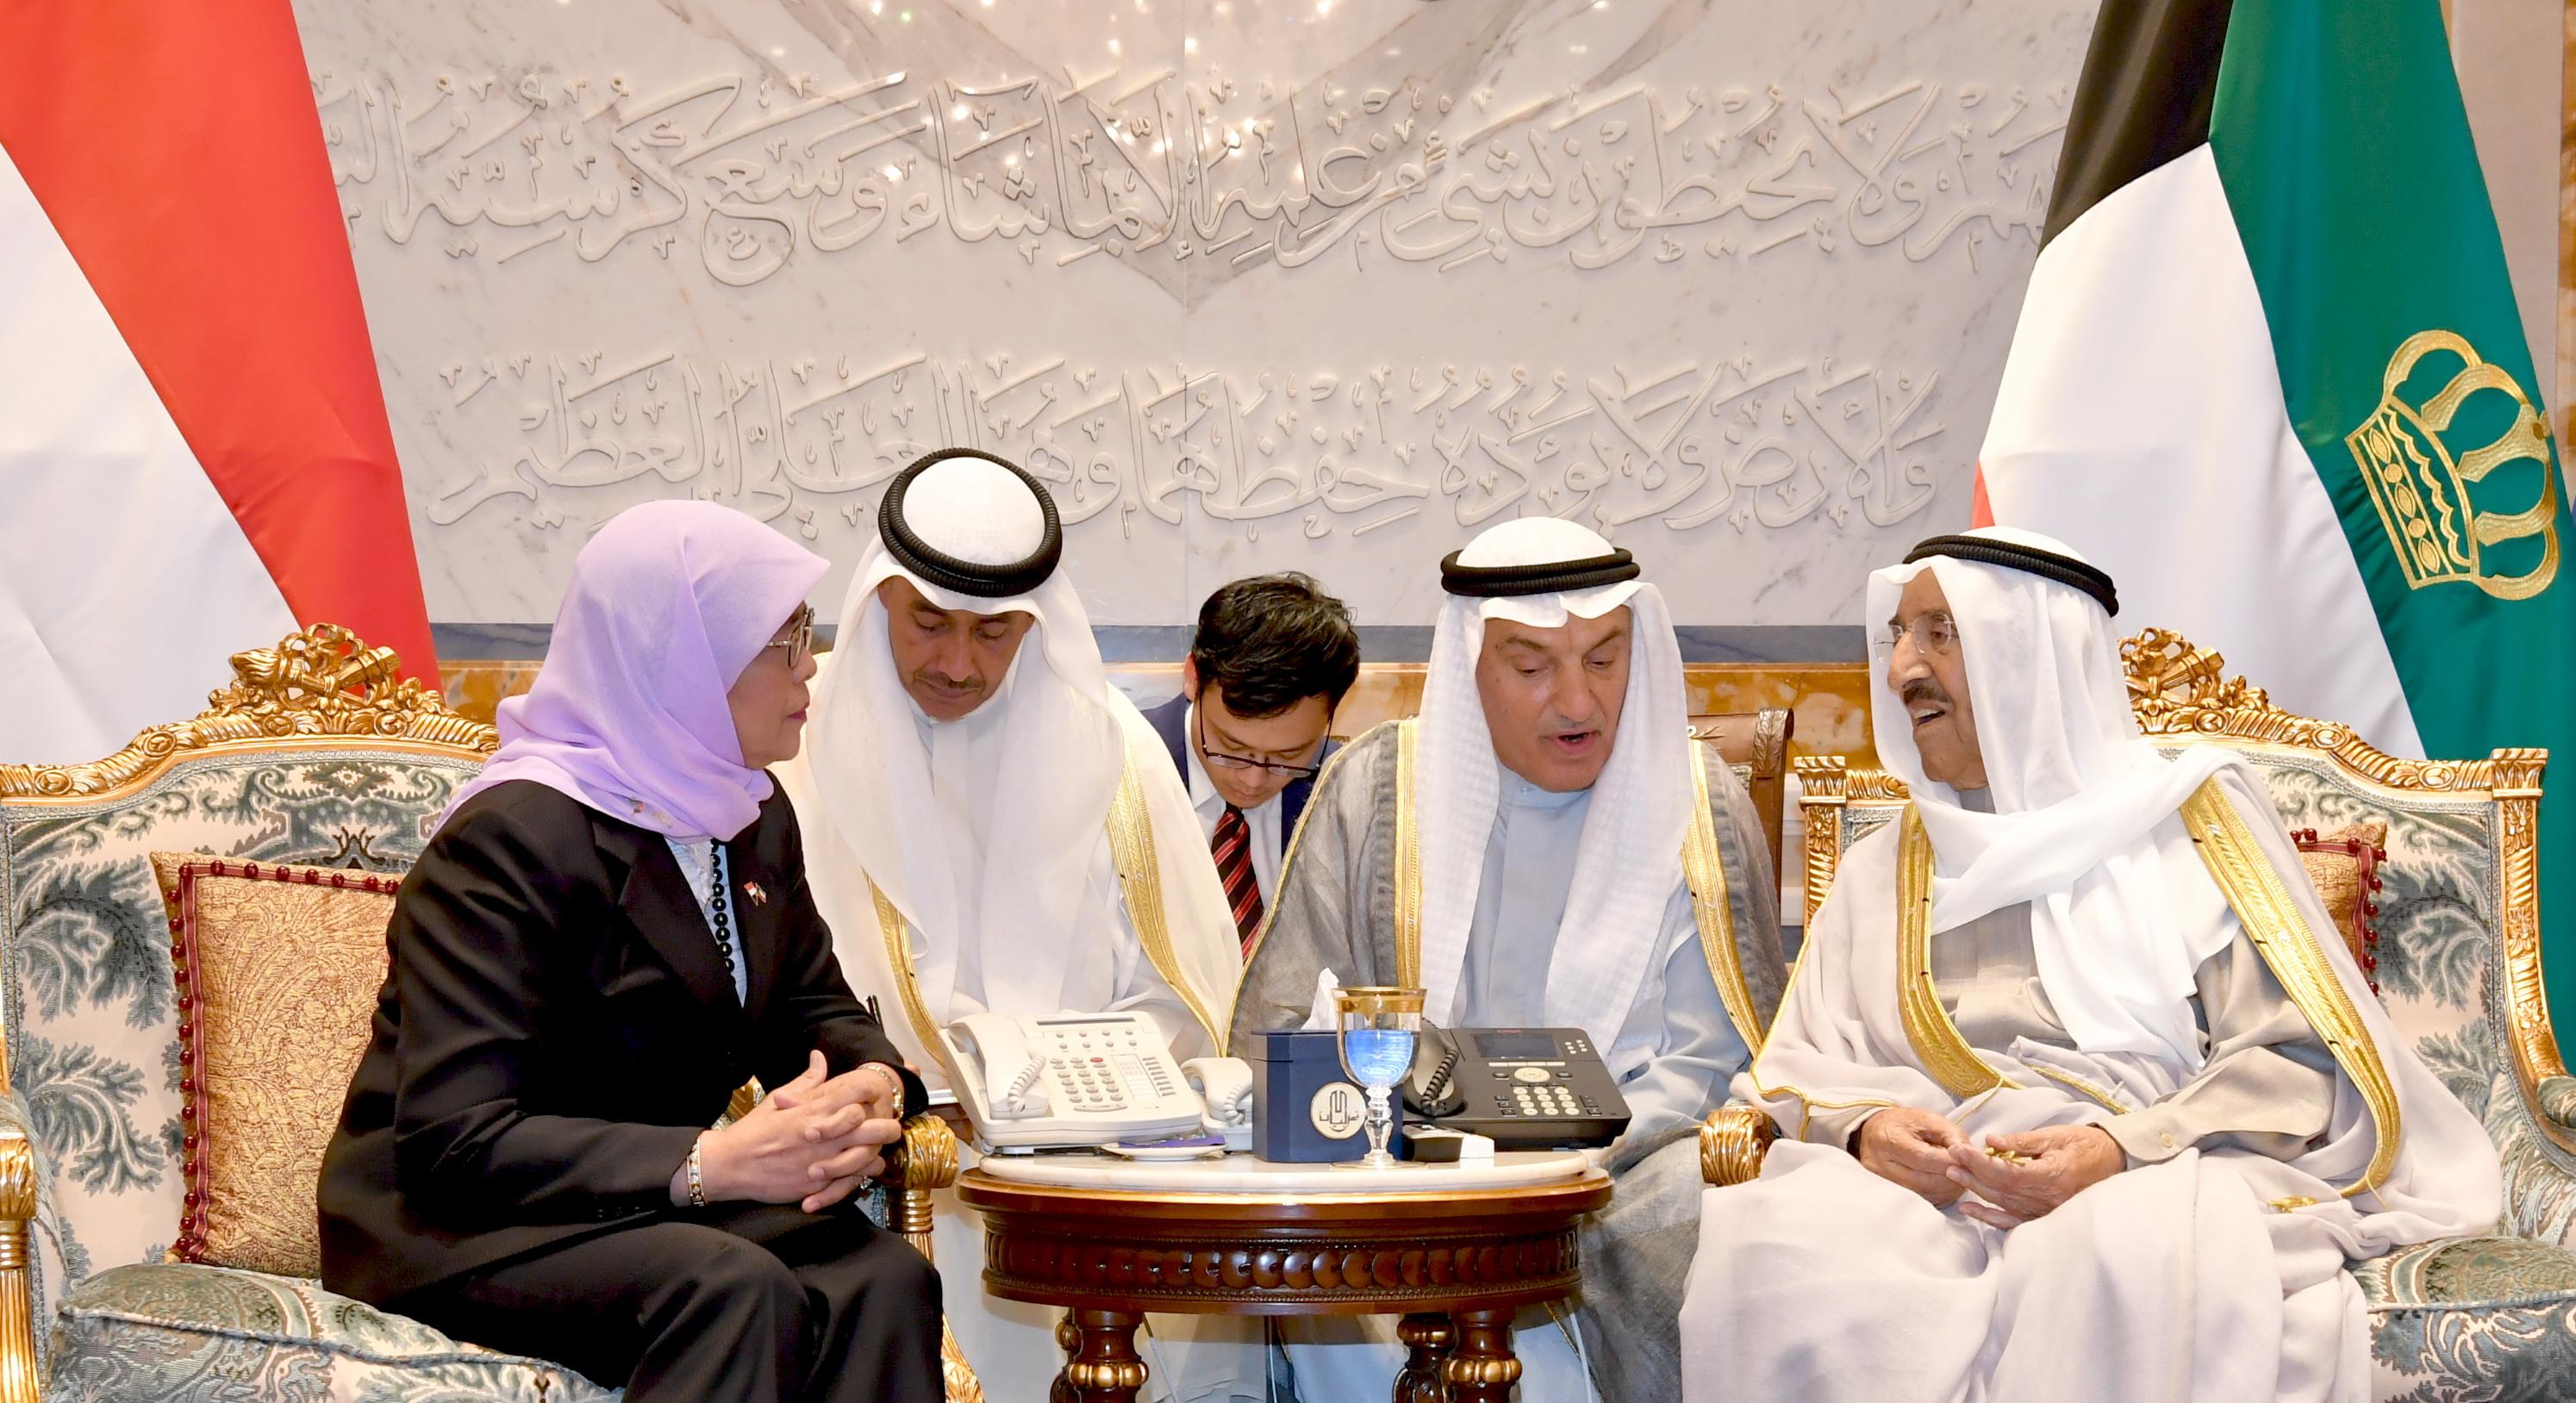 كونا : سمو أمير البلاد يعقد مباحثات رسمية مع رئيسة